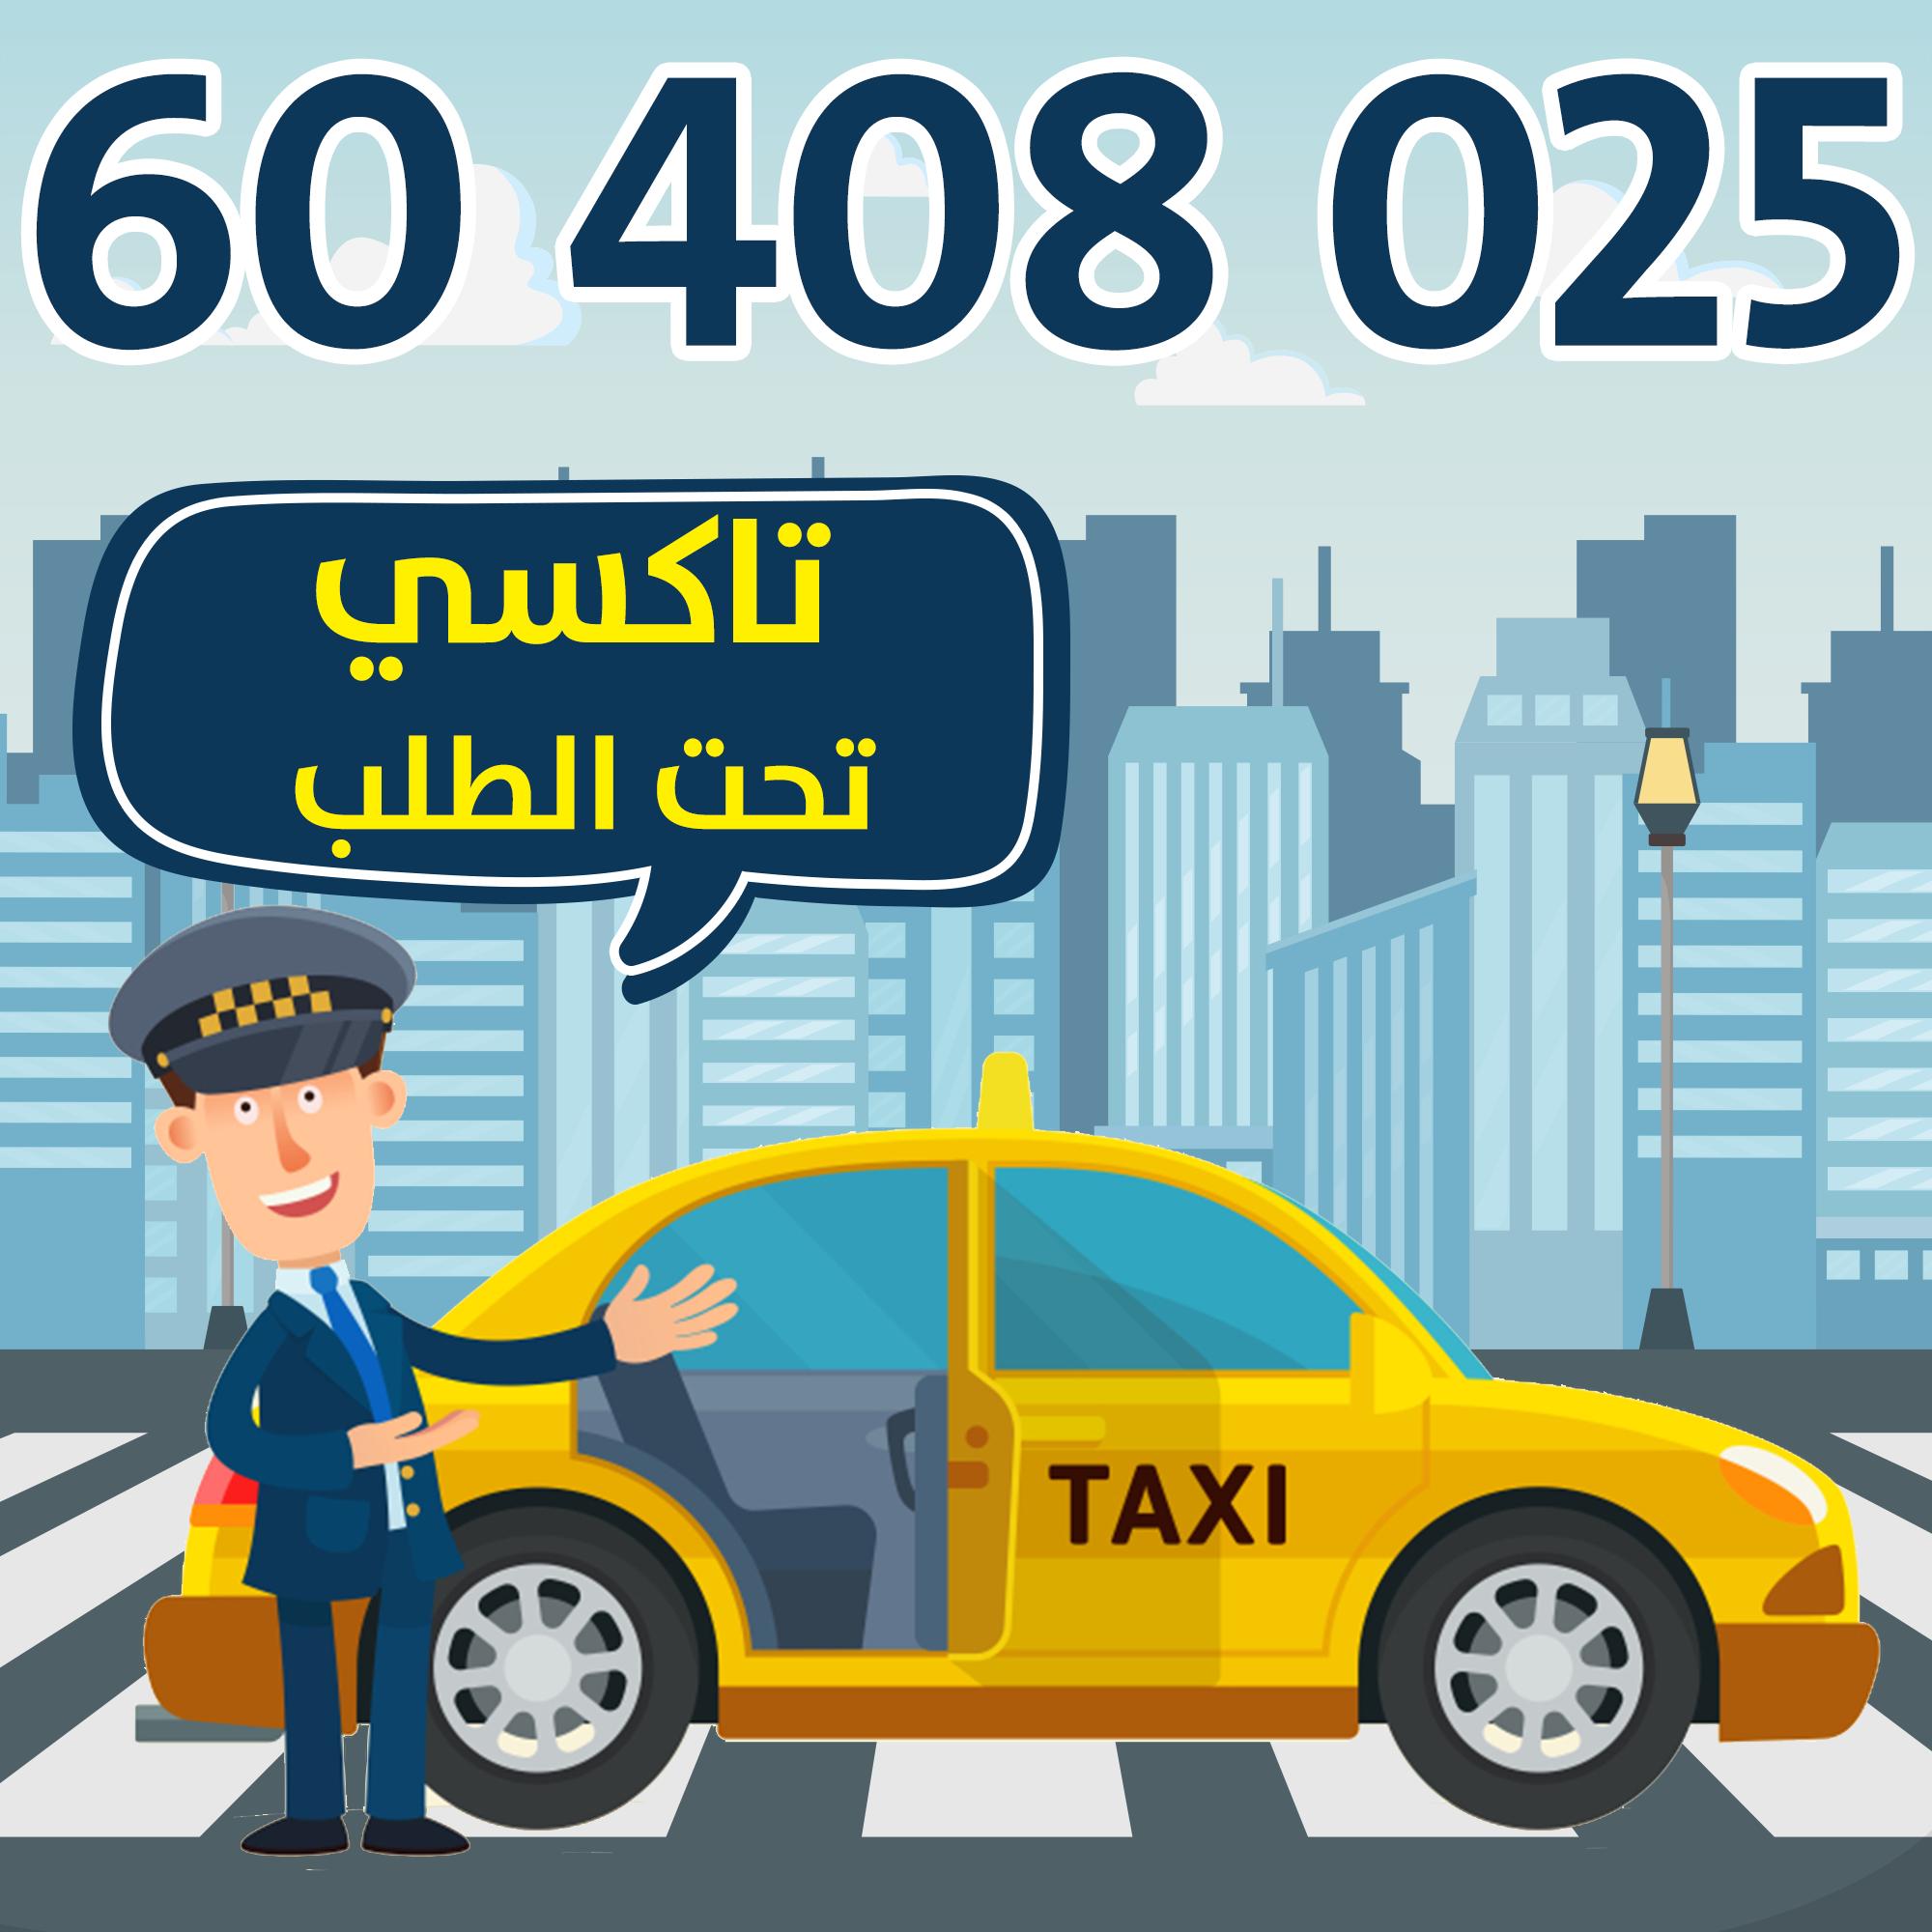 تاكسي توصيلة في شارع الأنباري